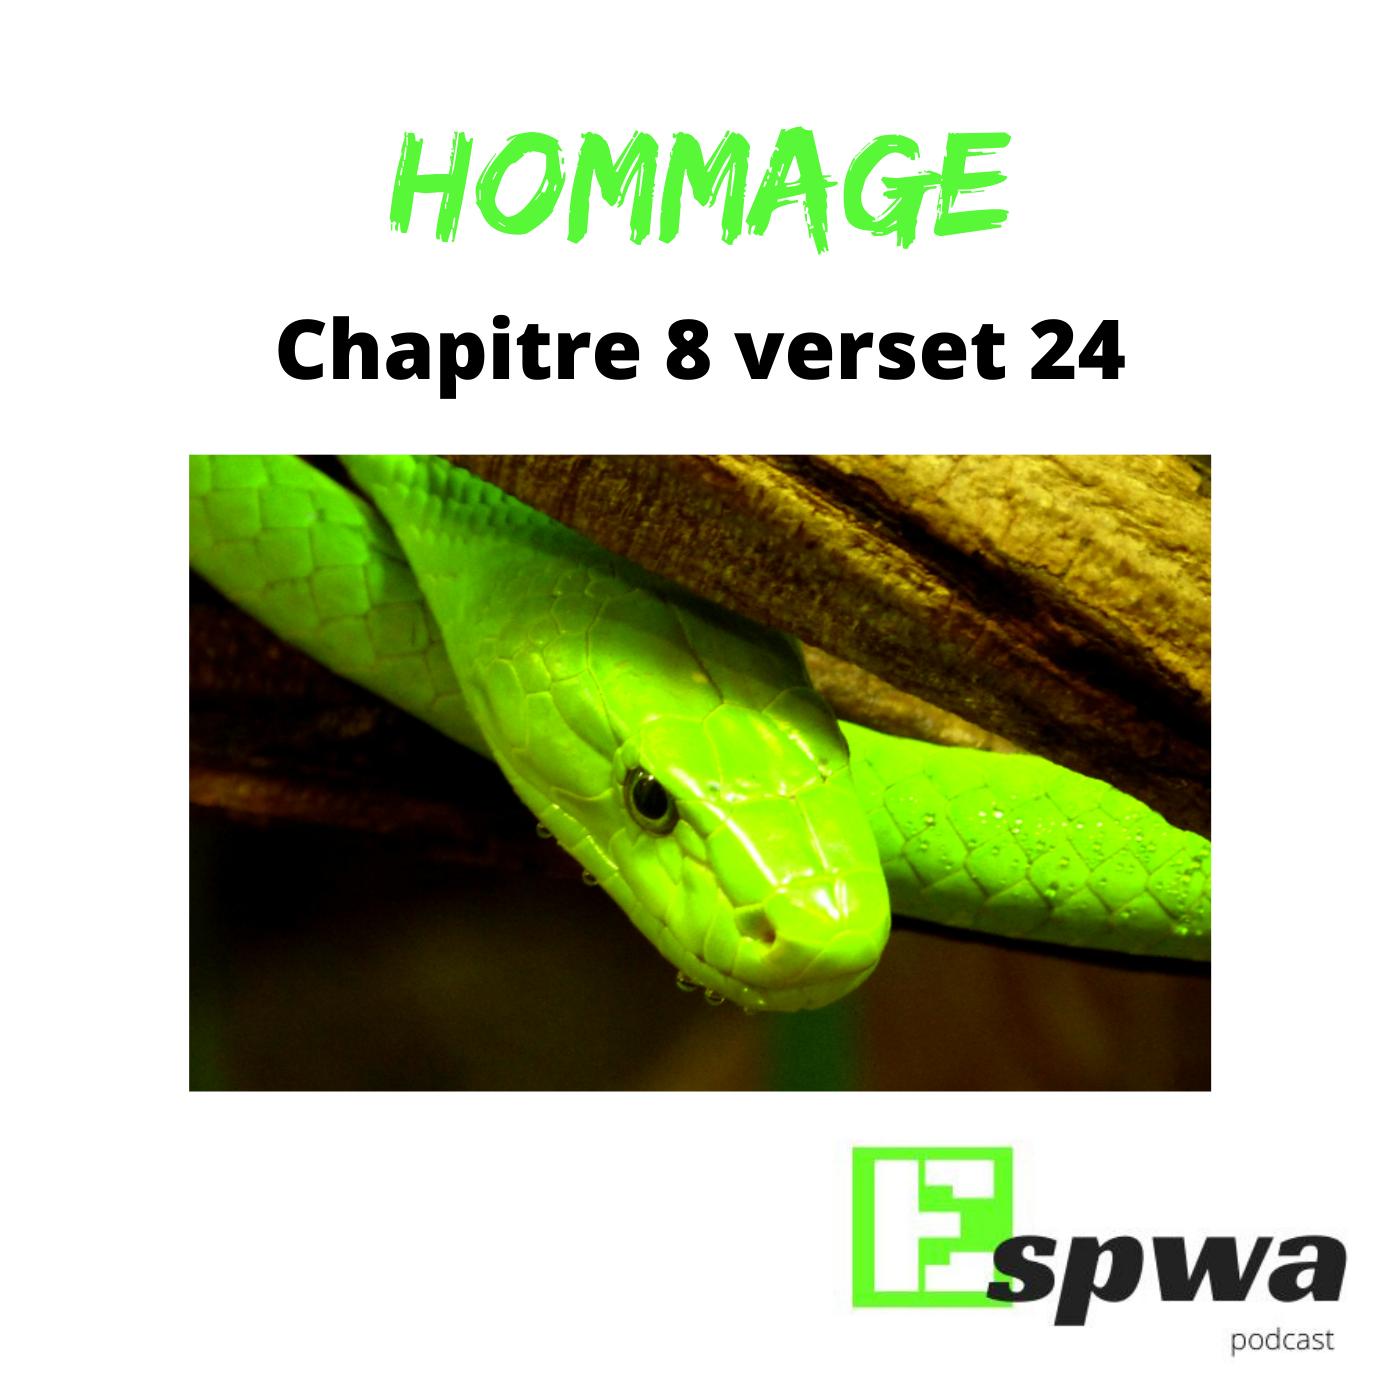 Hommage - Chapitre 8 verset 24